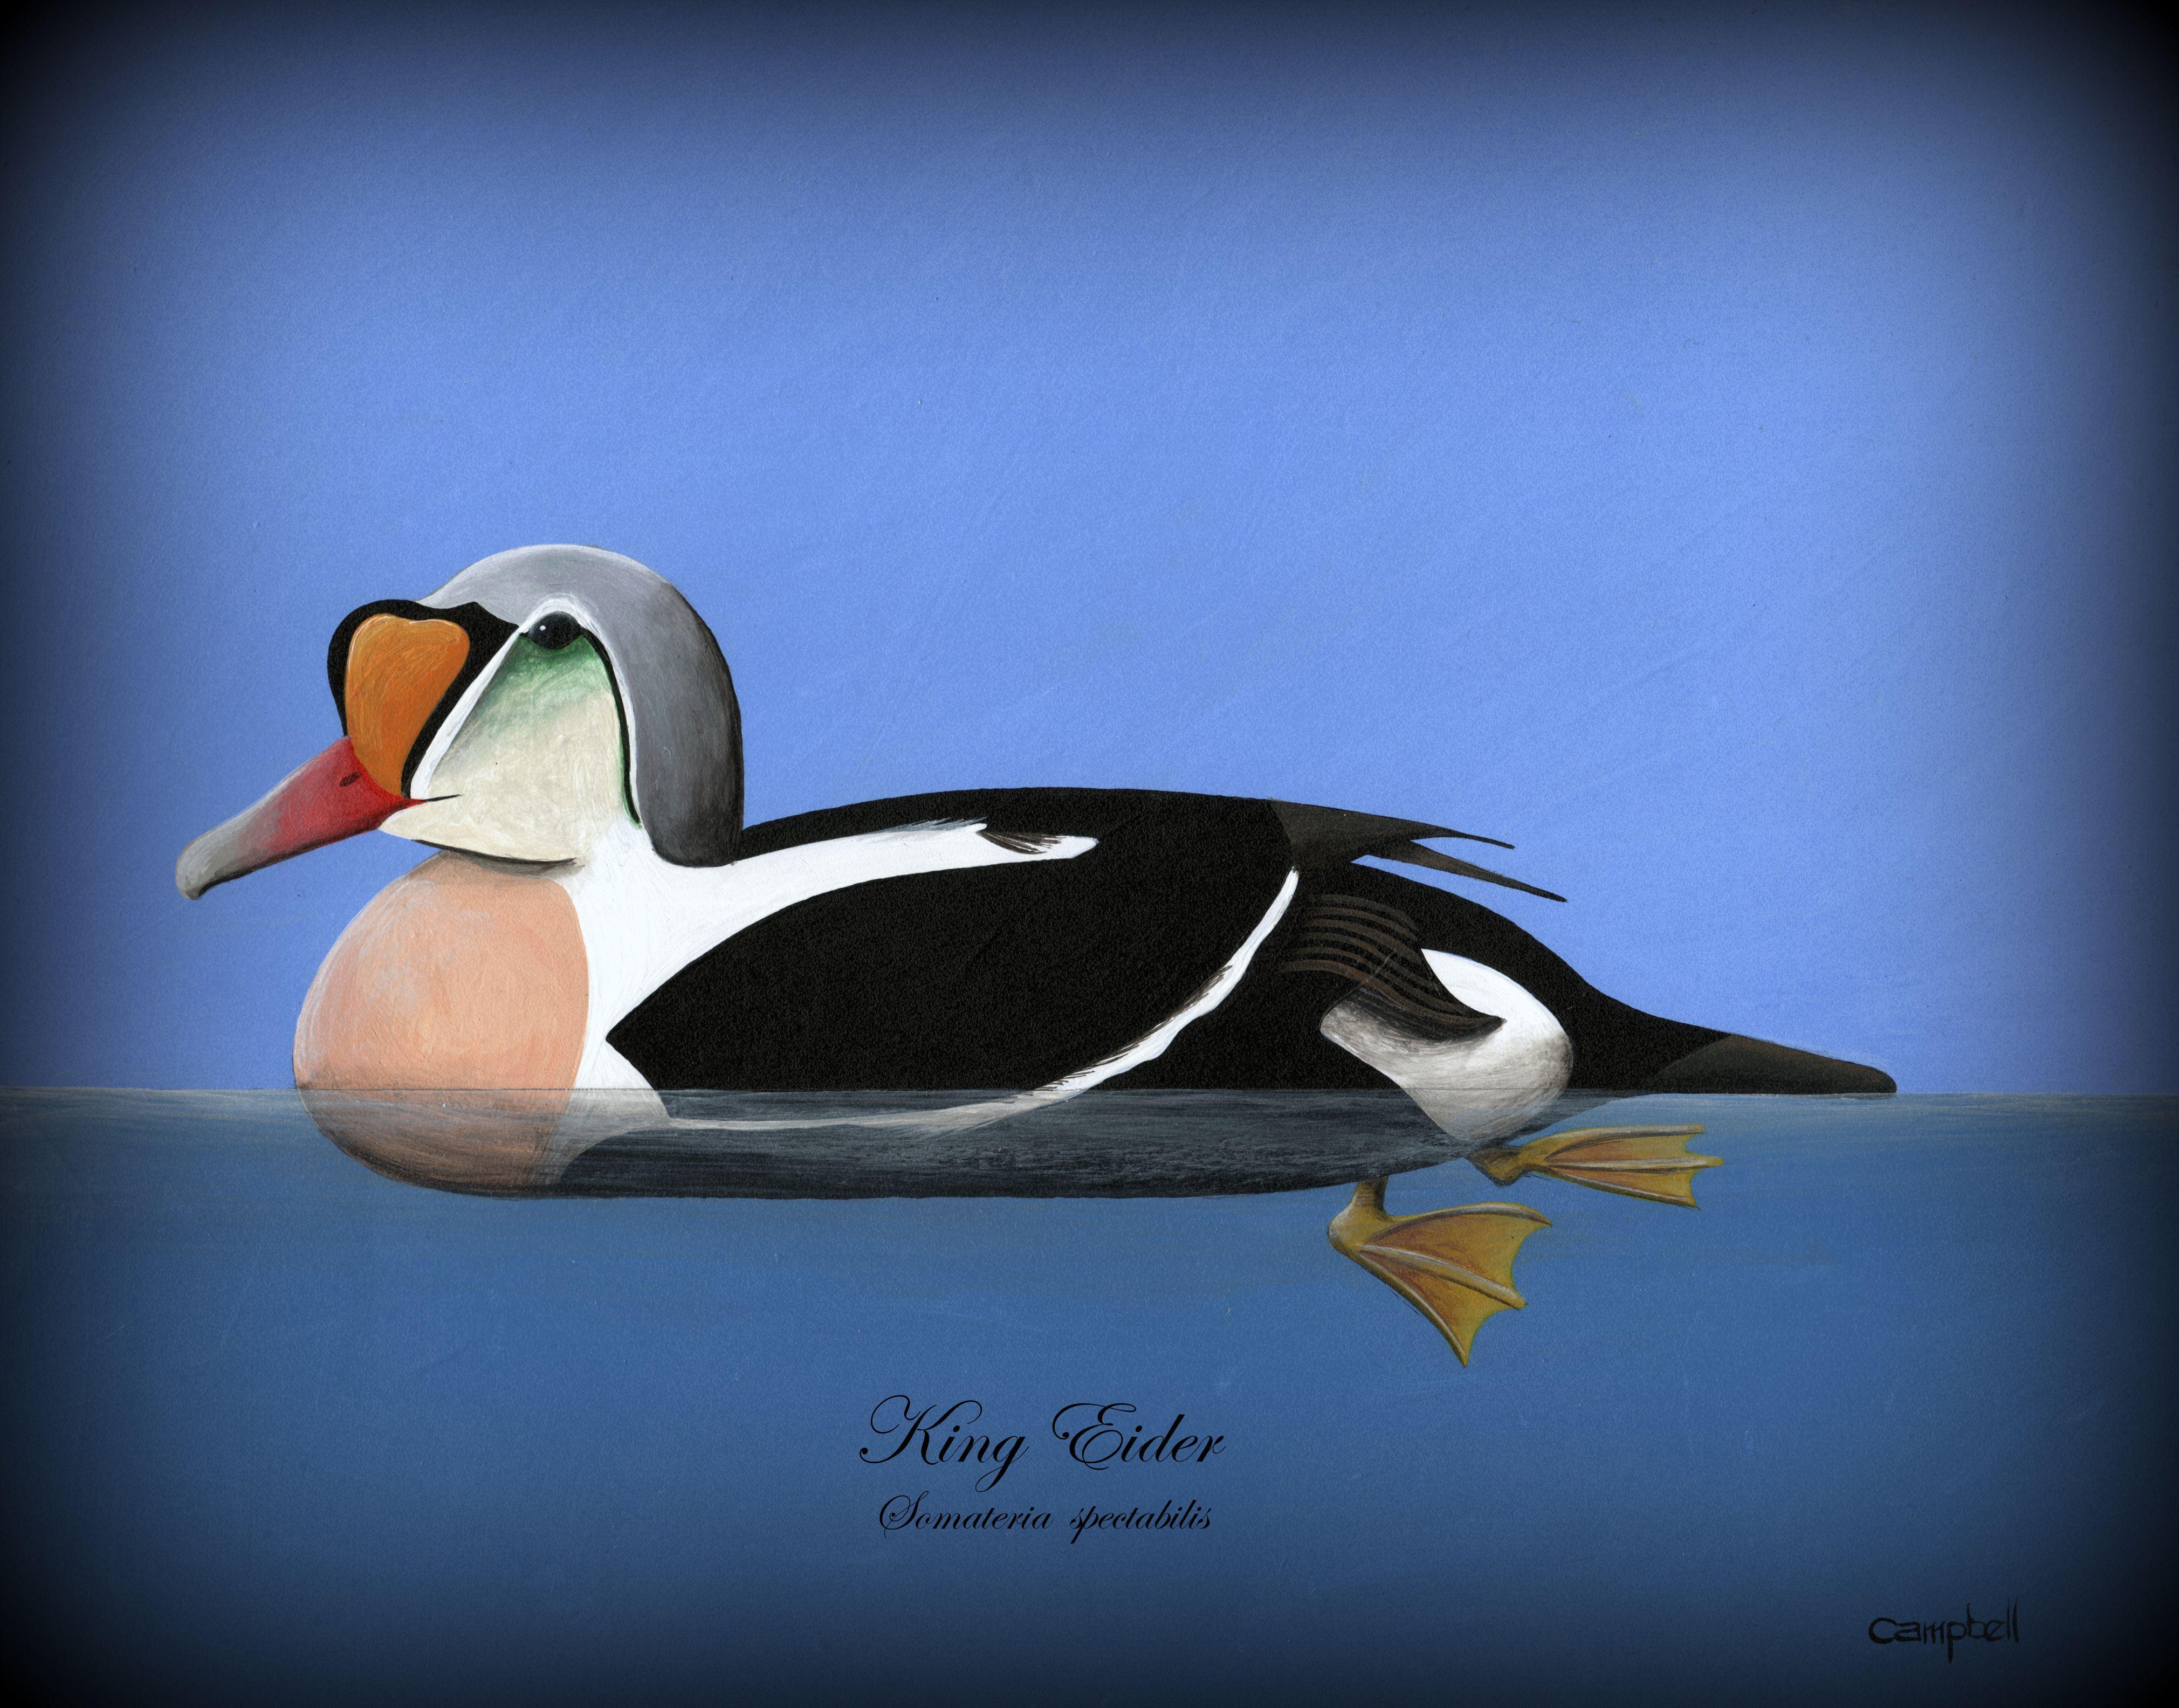 King Eider